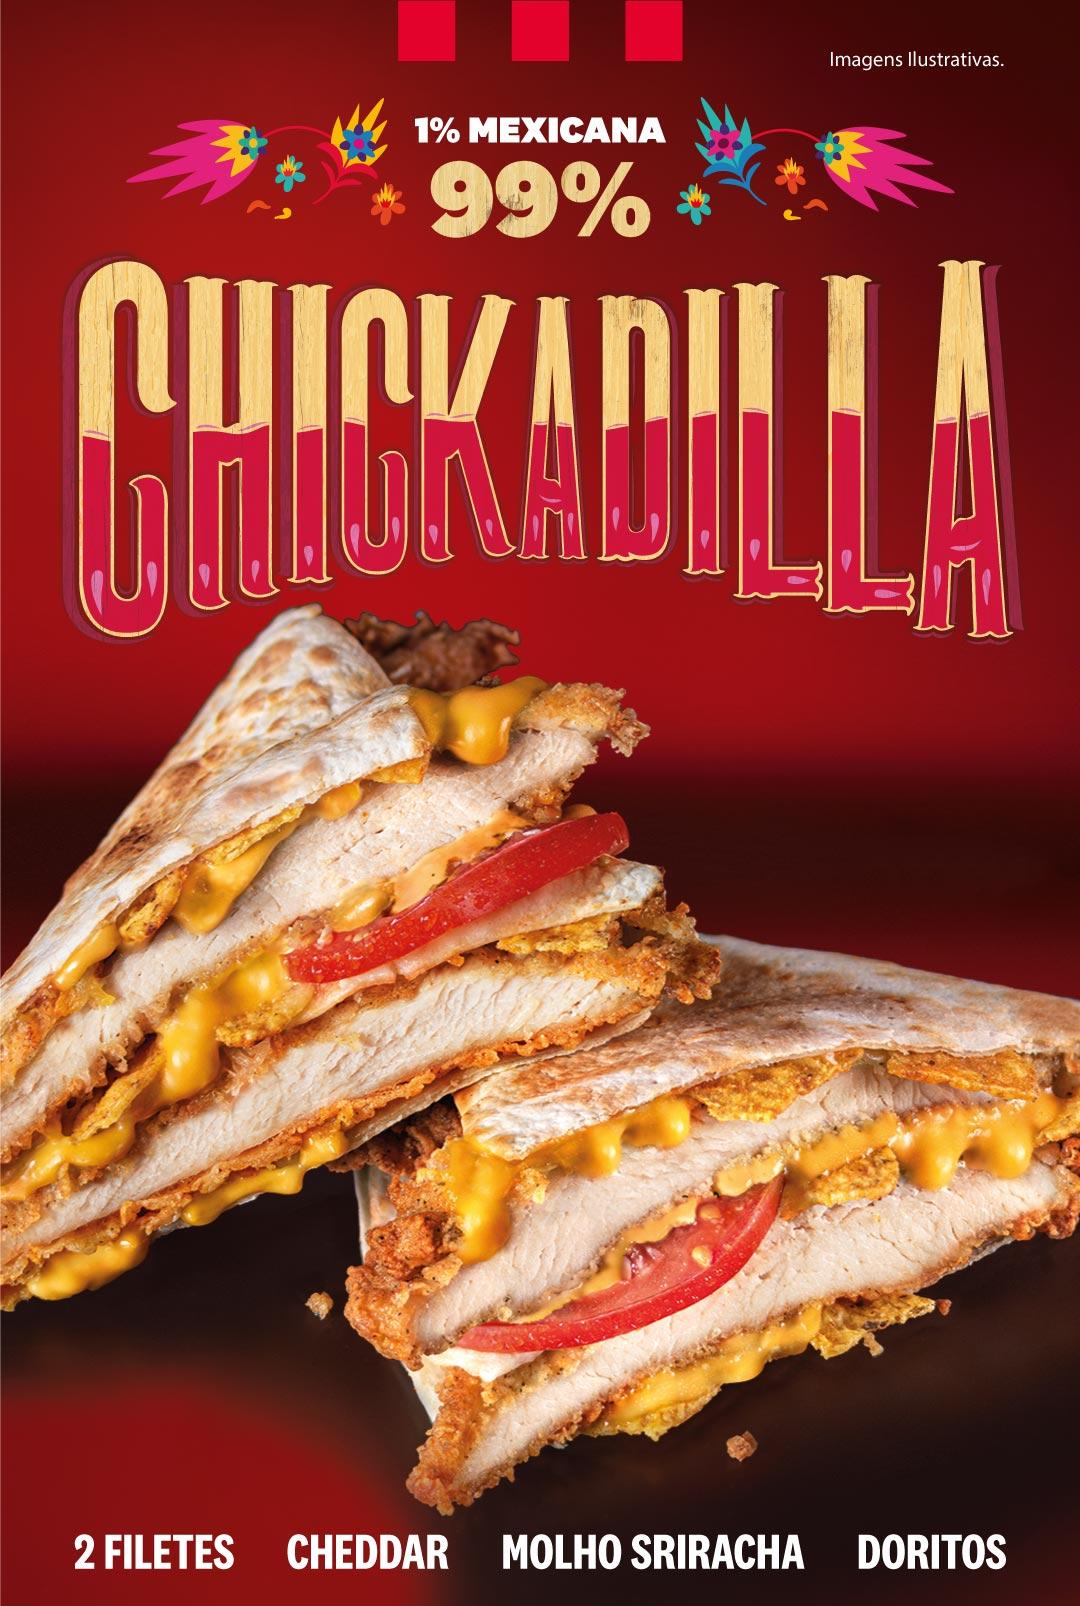 Chickadilla KFC